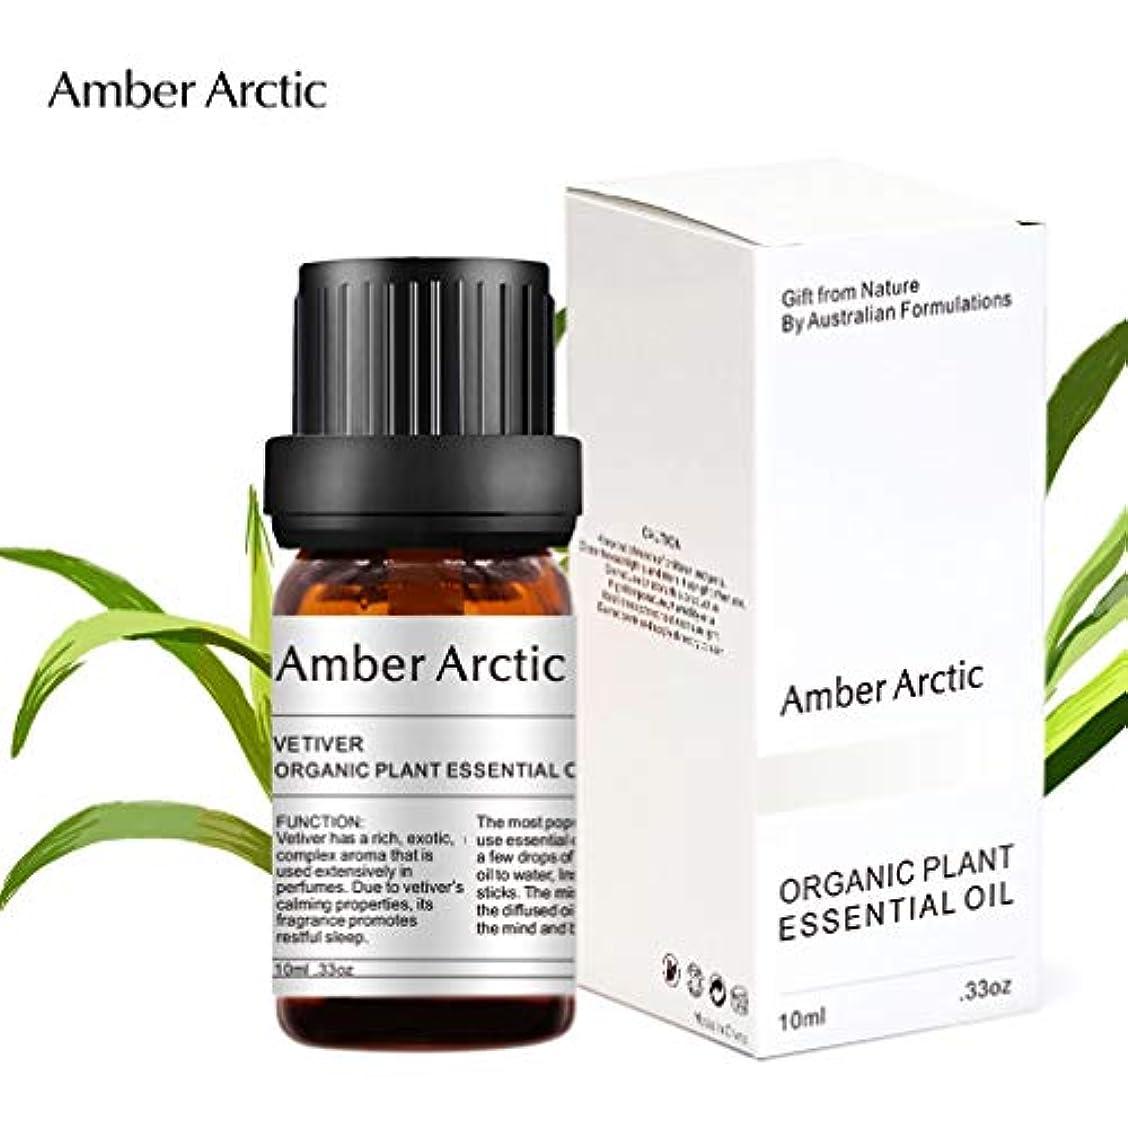 不規則なストレンジャーちょっと待ってAmber Arctic ベチバー エッセンシャル オイル、100% ピュア 天然 アロマテラピー ベチバー オイル スプレッド 用 (10ML) ベチバー